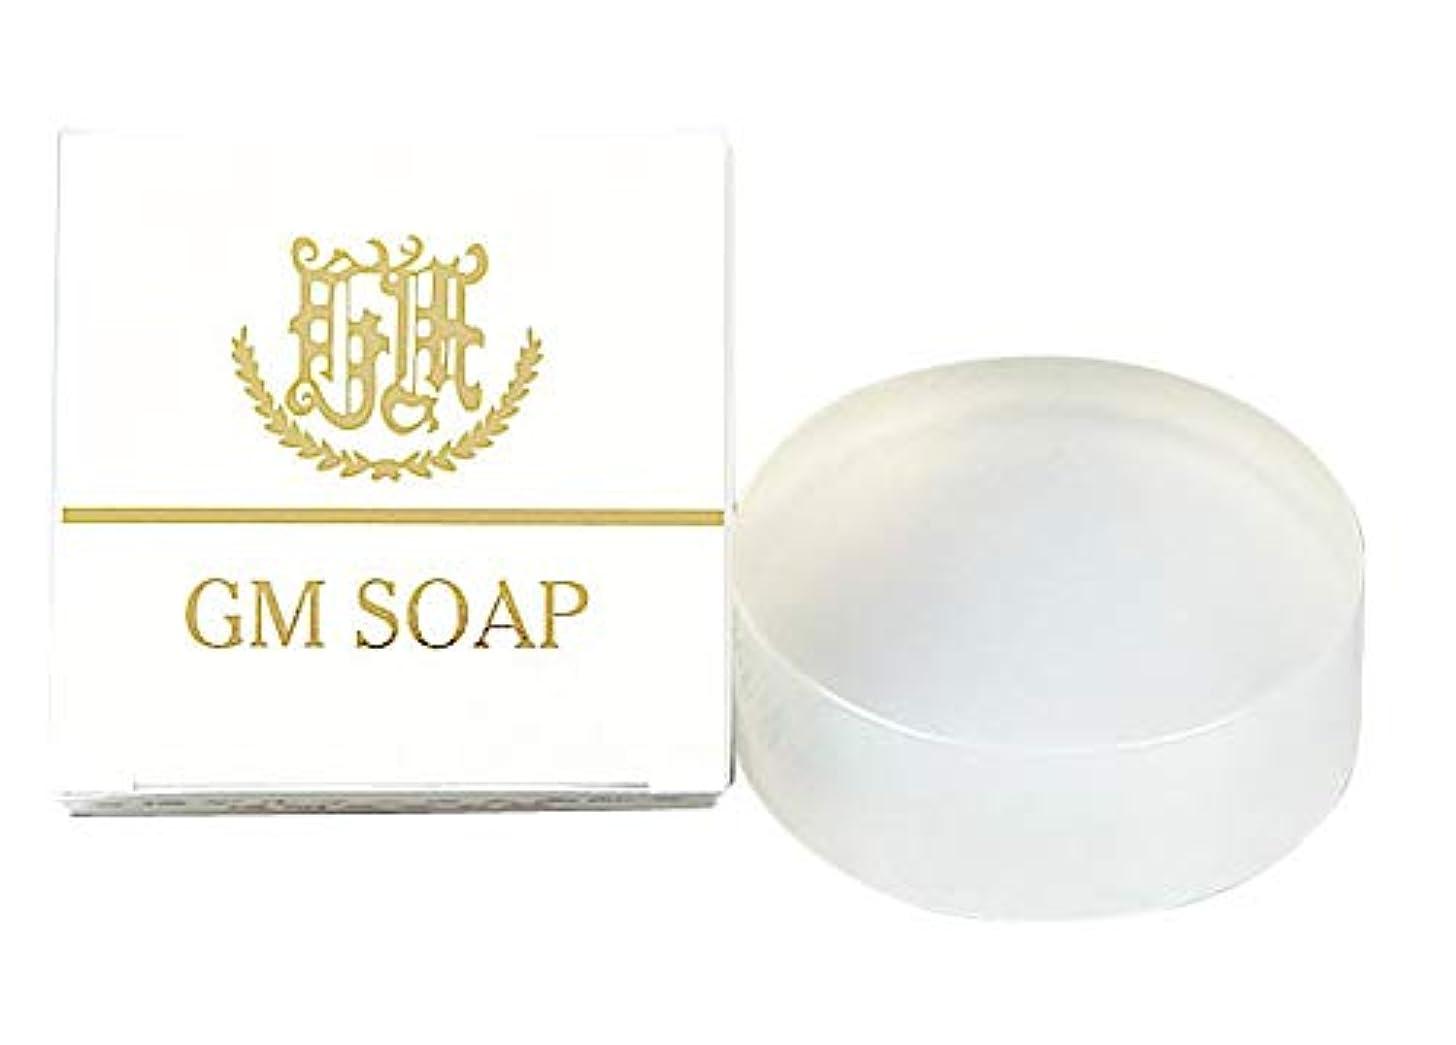 近く年金受給者マトン【GM SOAP(ジーエムソープ)】 100g